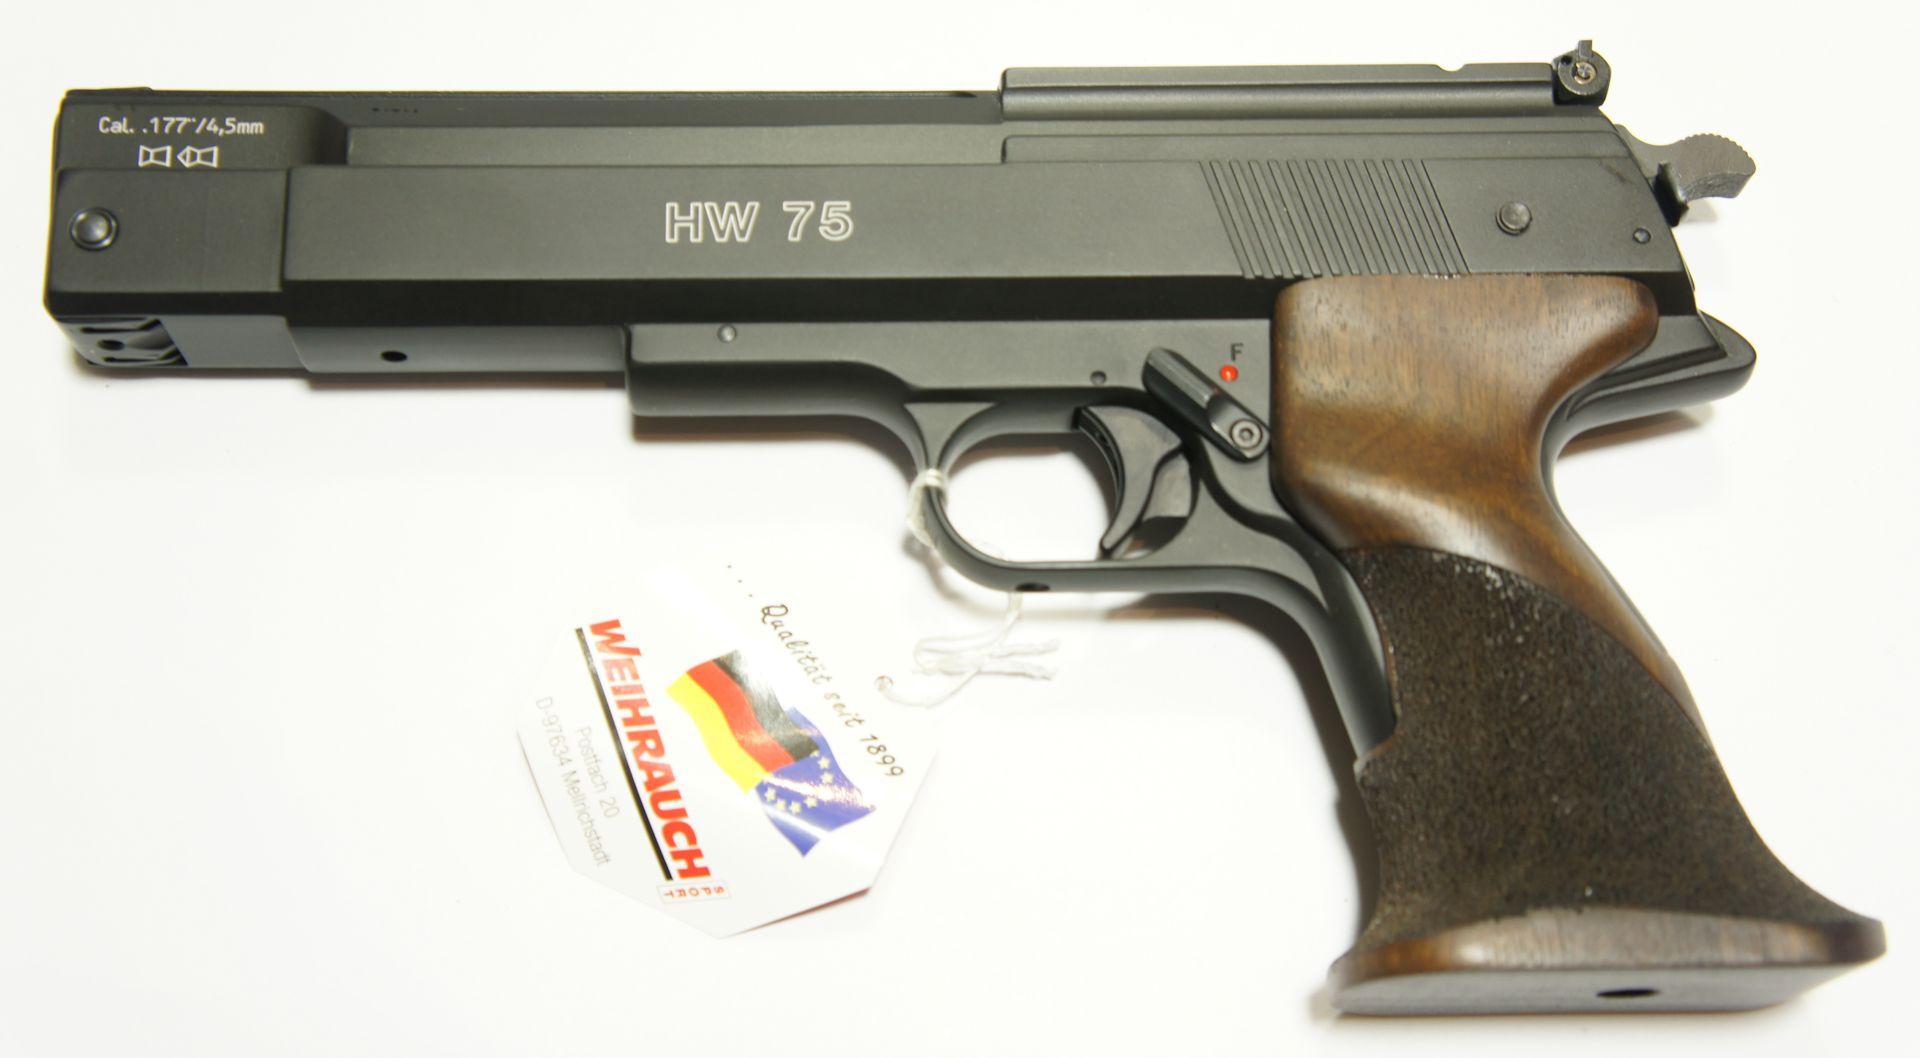 Luftpistole HW 75 von Weihrauch